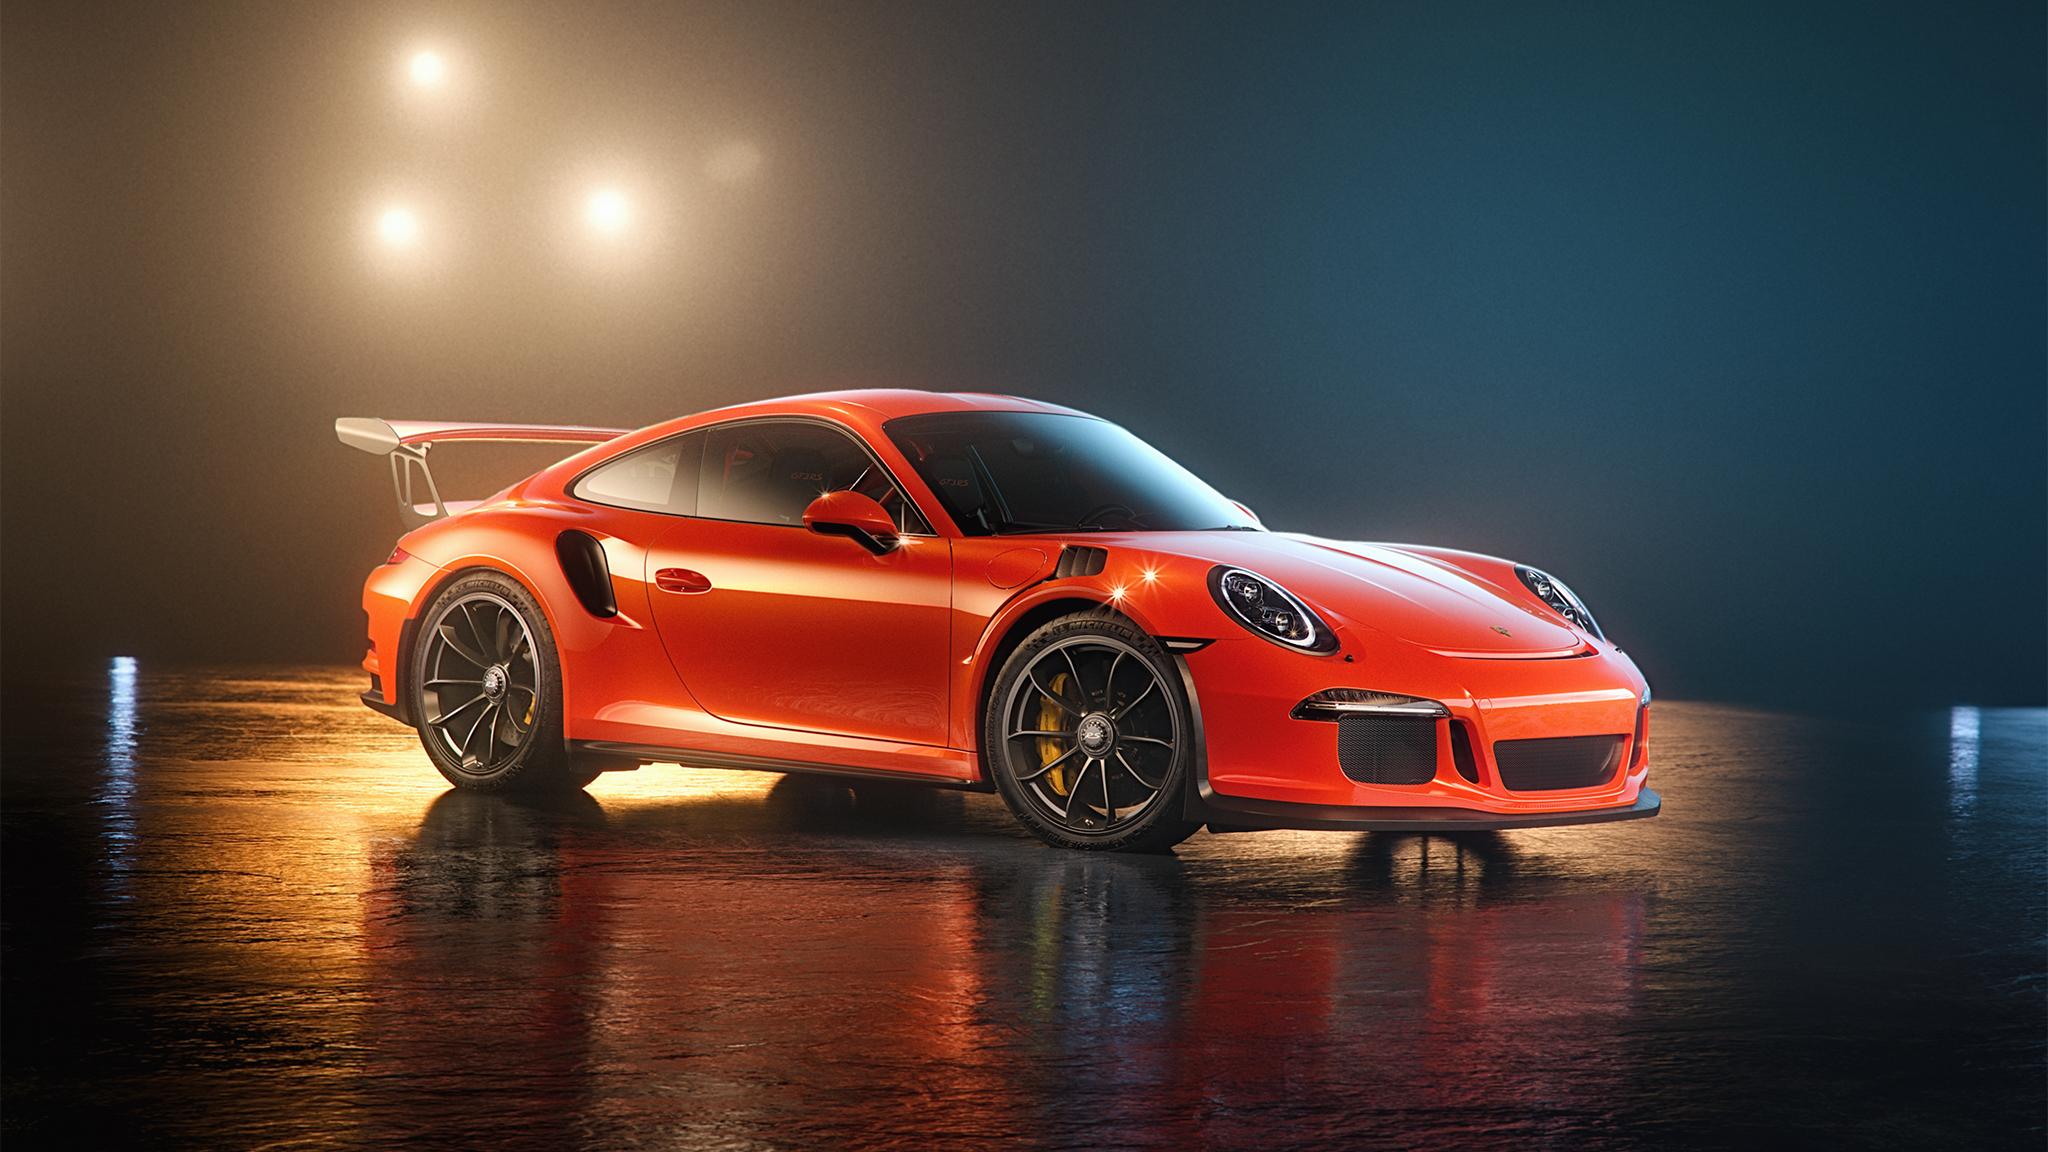 Porsche 911 GT3 Wallpaper | HD Car Wallpapers | ID #10788